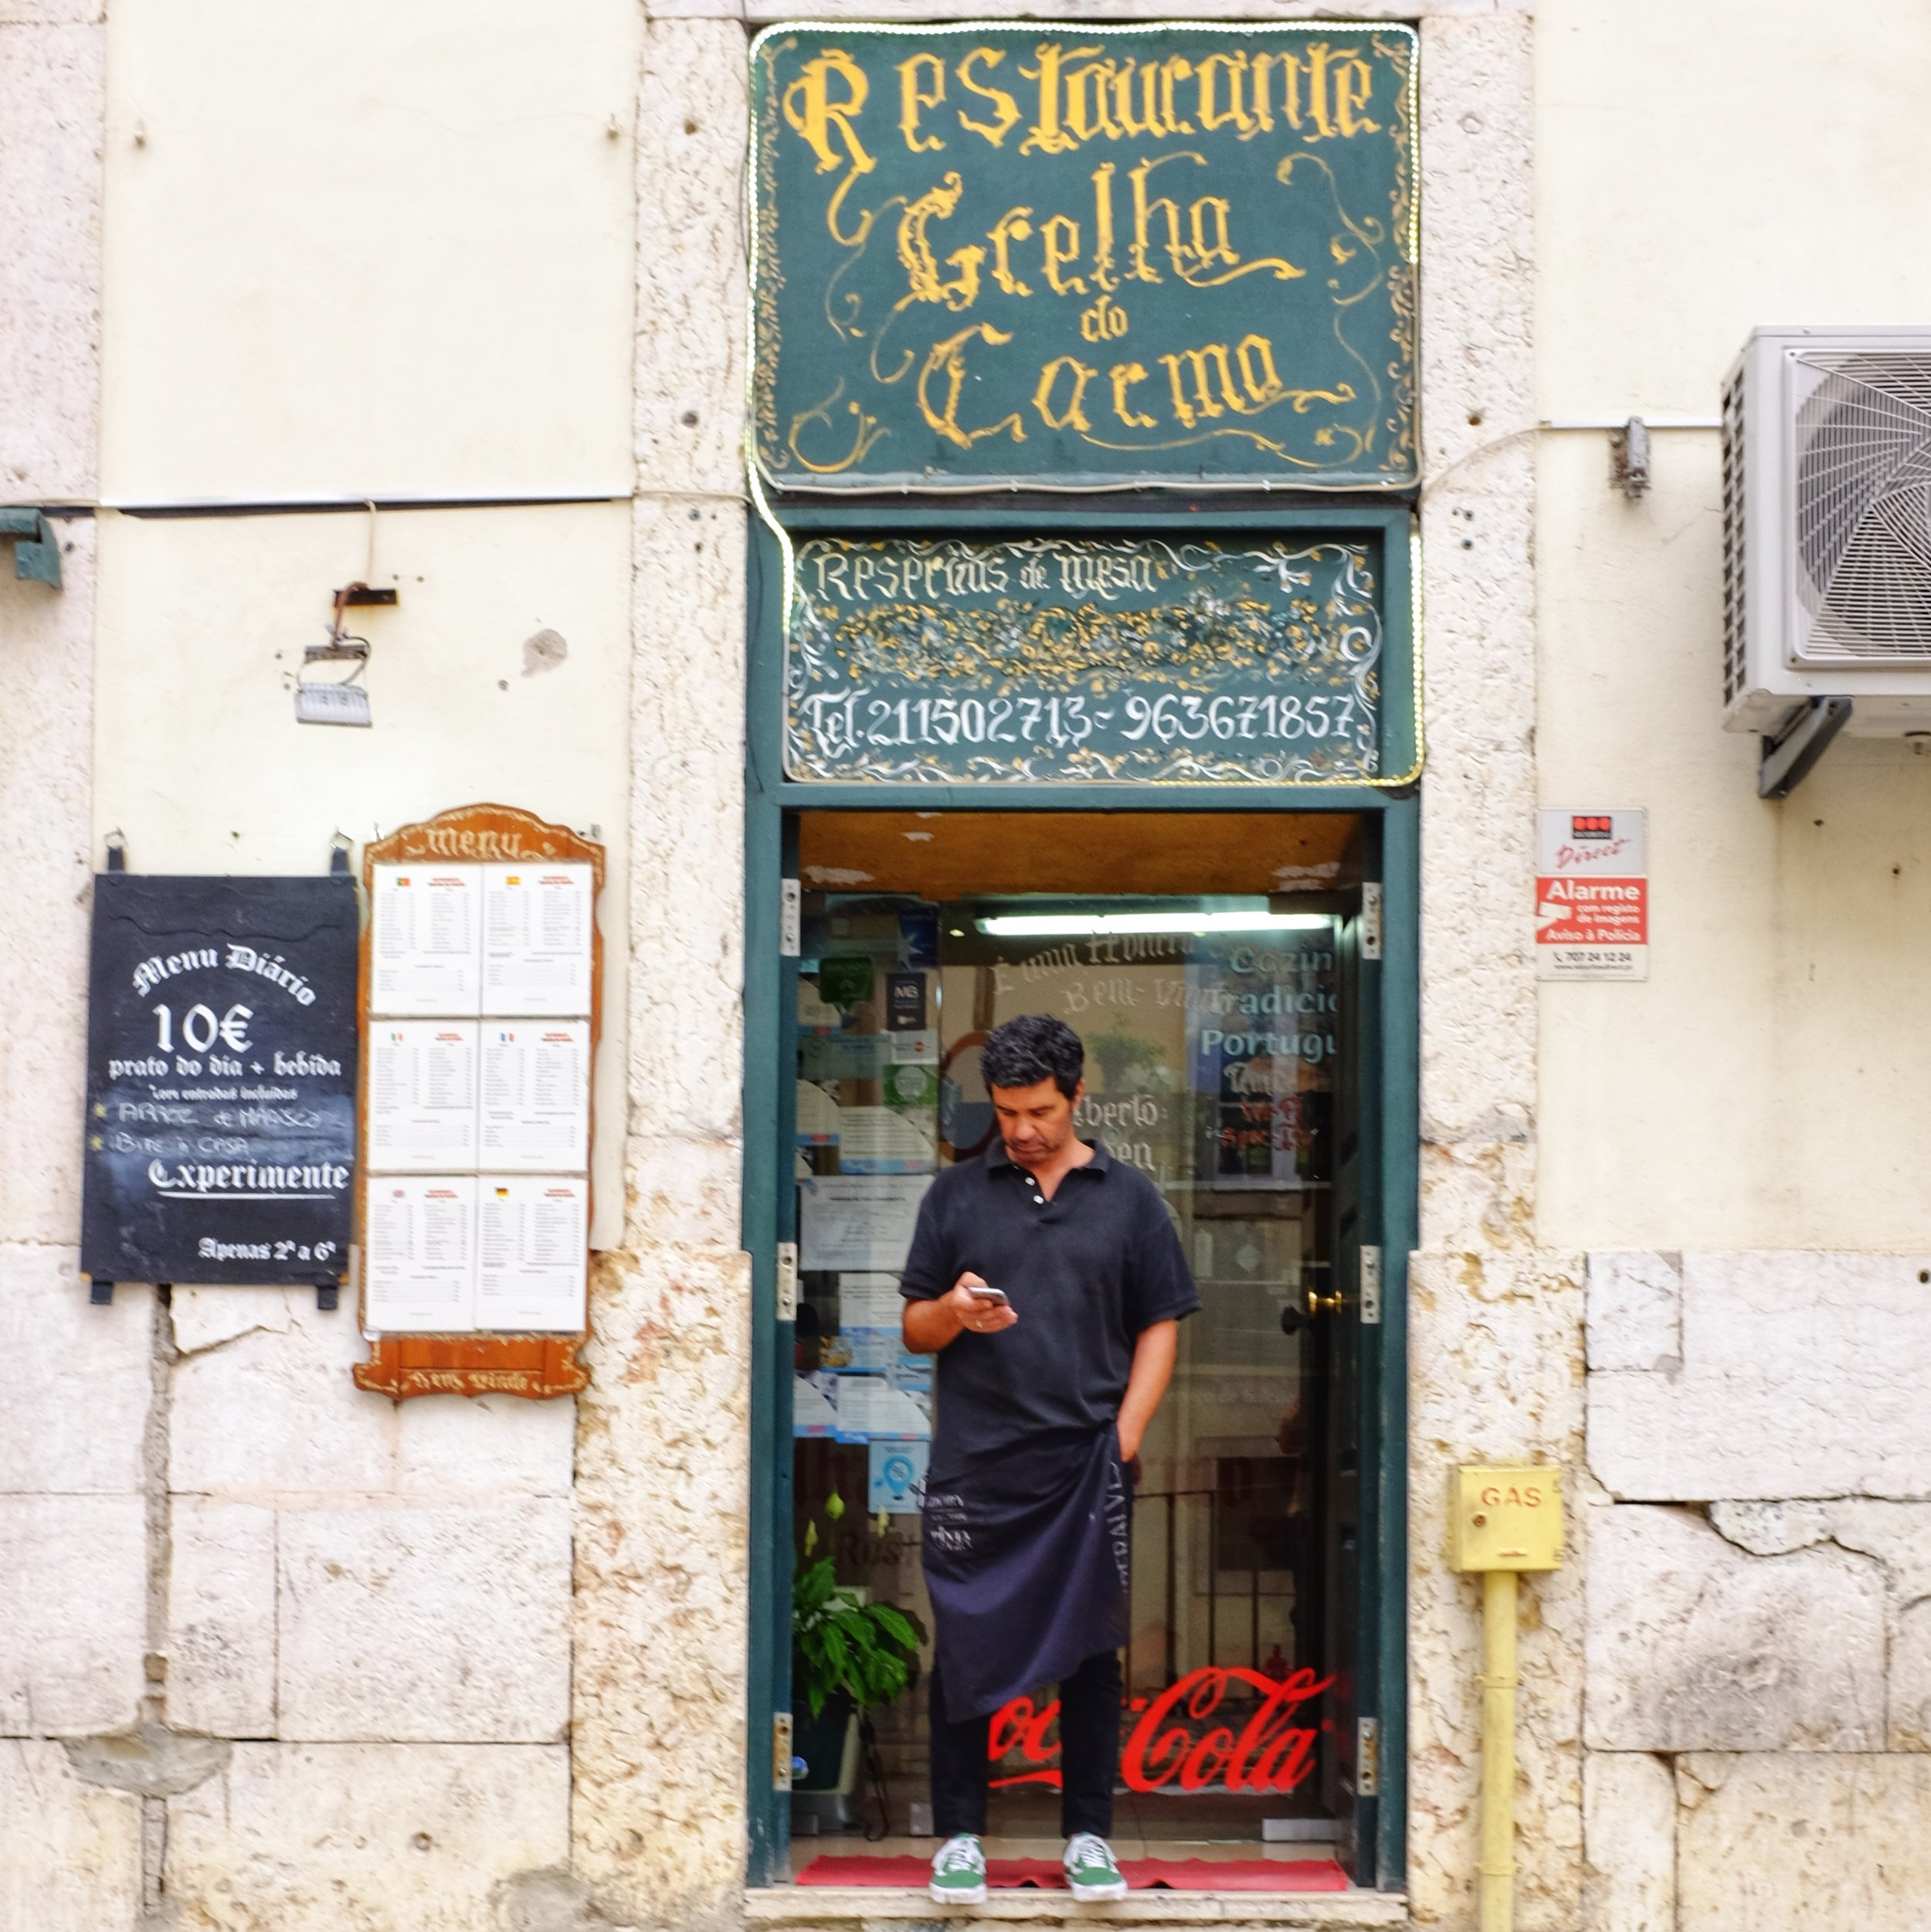 Street scenes in Lisbon - X100T